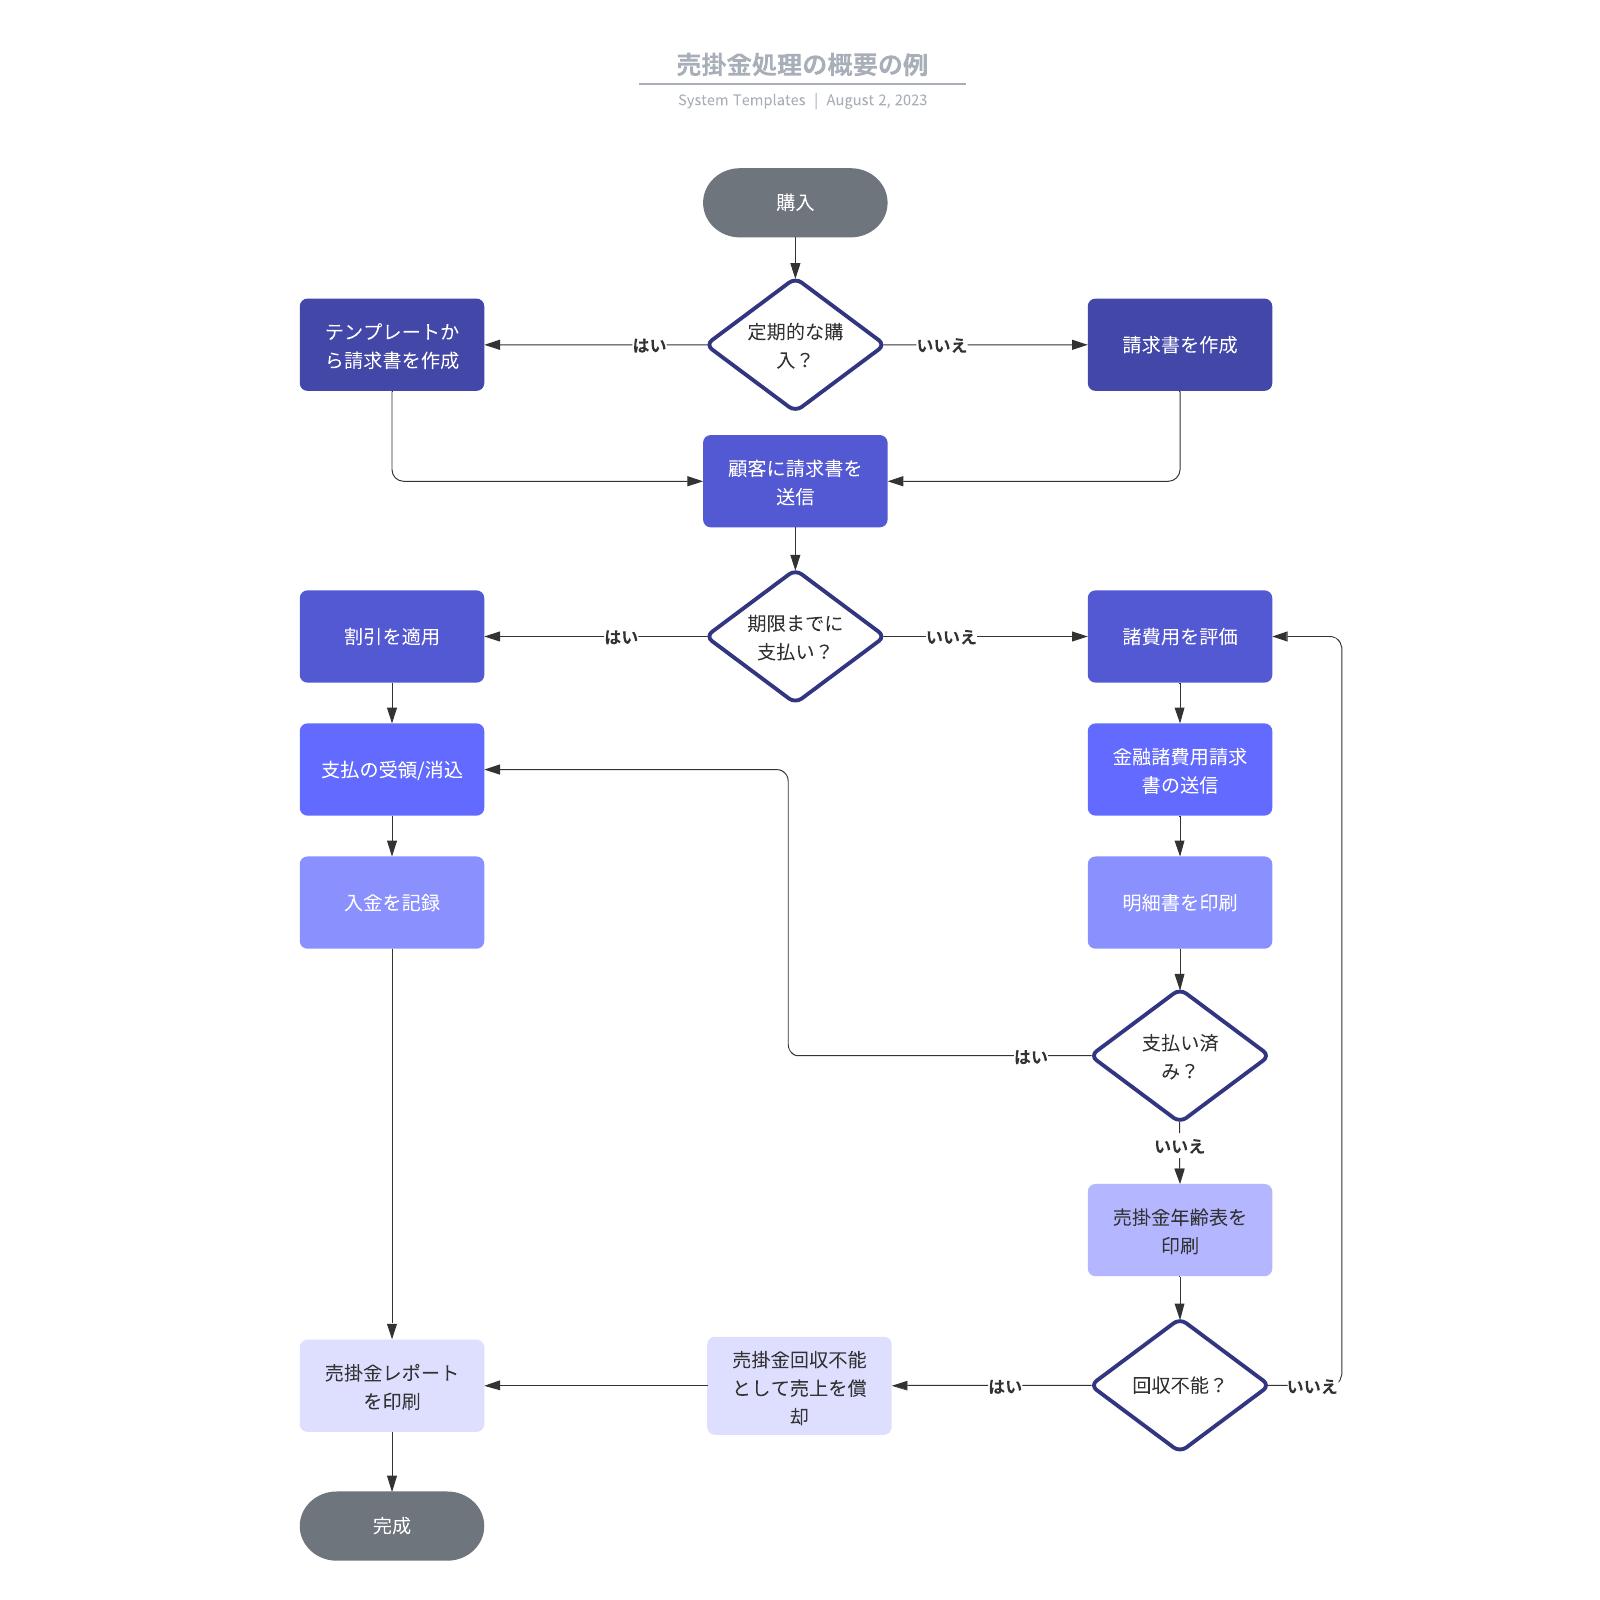 フローチャート処理マニュアルテンプレート